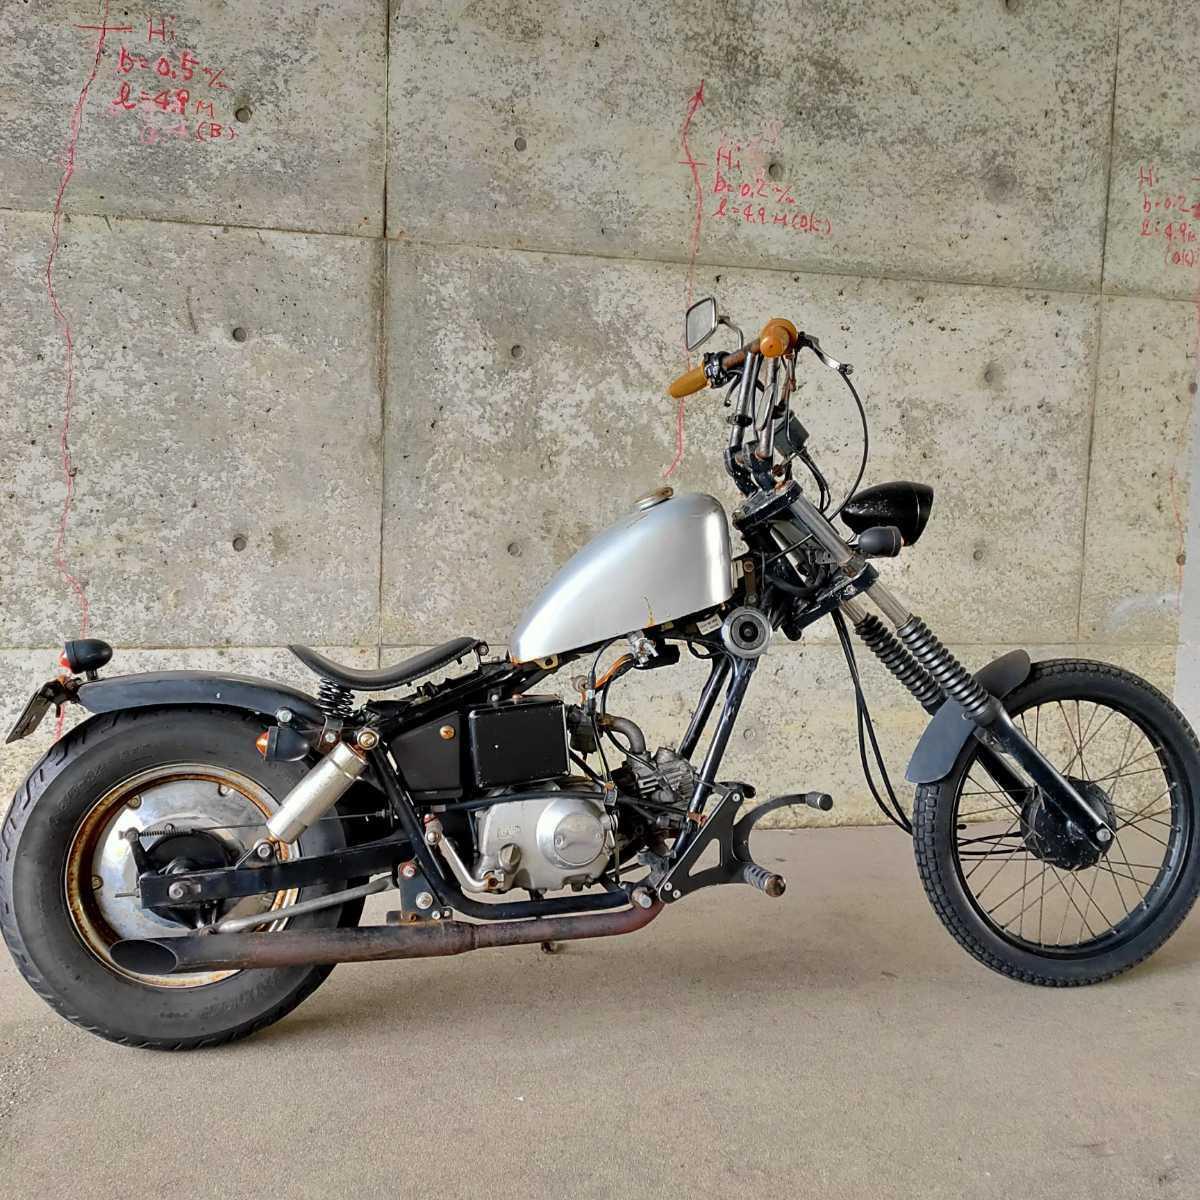 「ホンダ ジャズ フルカスタム 通勤快速 レアパーツ多数 50cc登録 HONDA JAZZ 新潟市から」の画像1